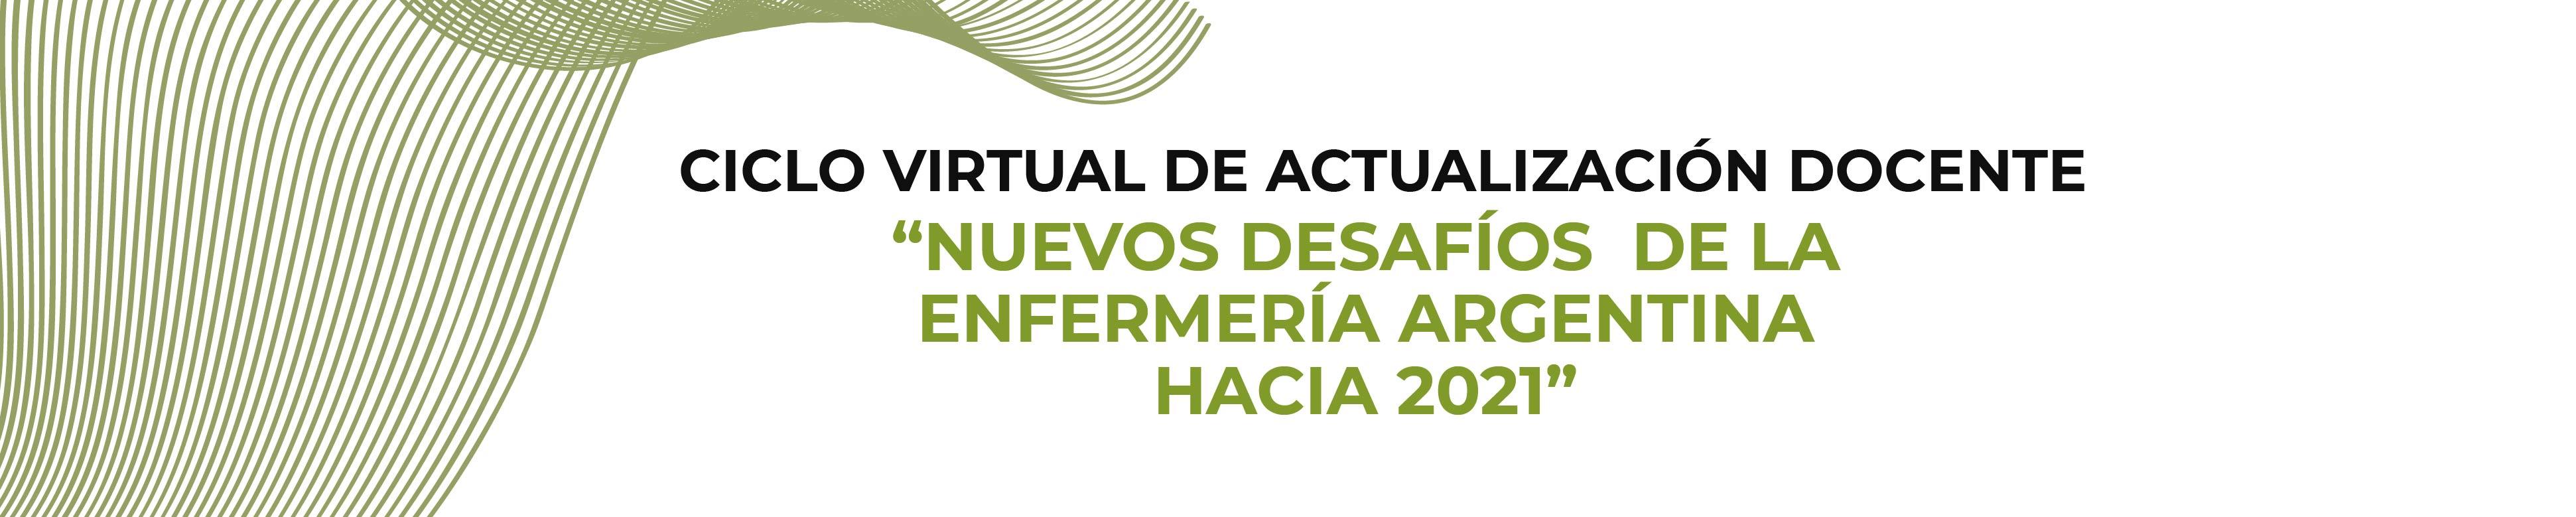 DESAFÍOS-DE-LA-ENFERMERÍA-HACIA-EL-2021 Slider-02